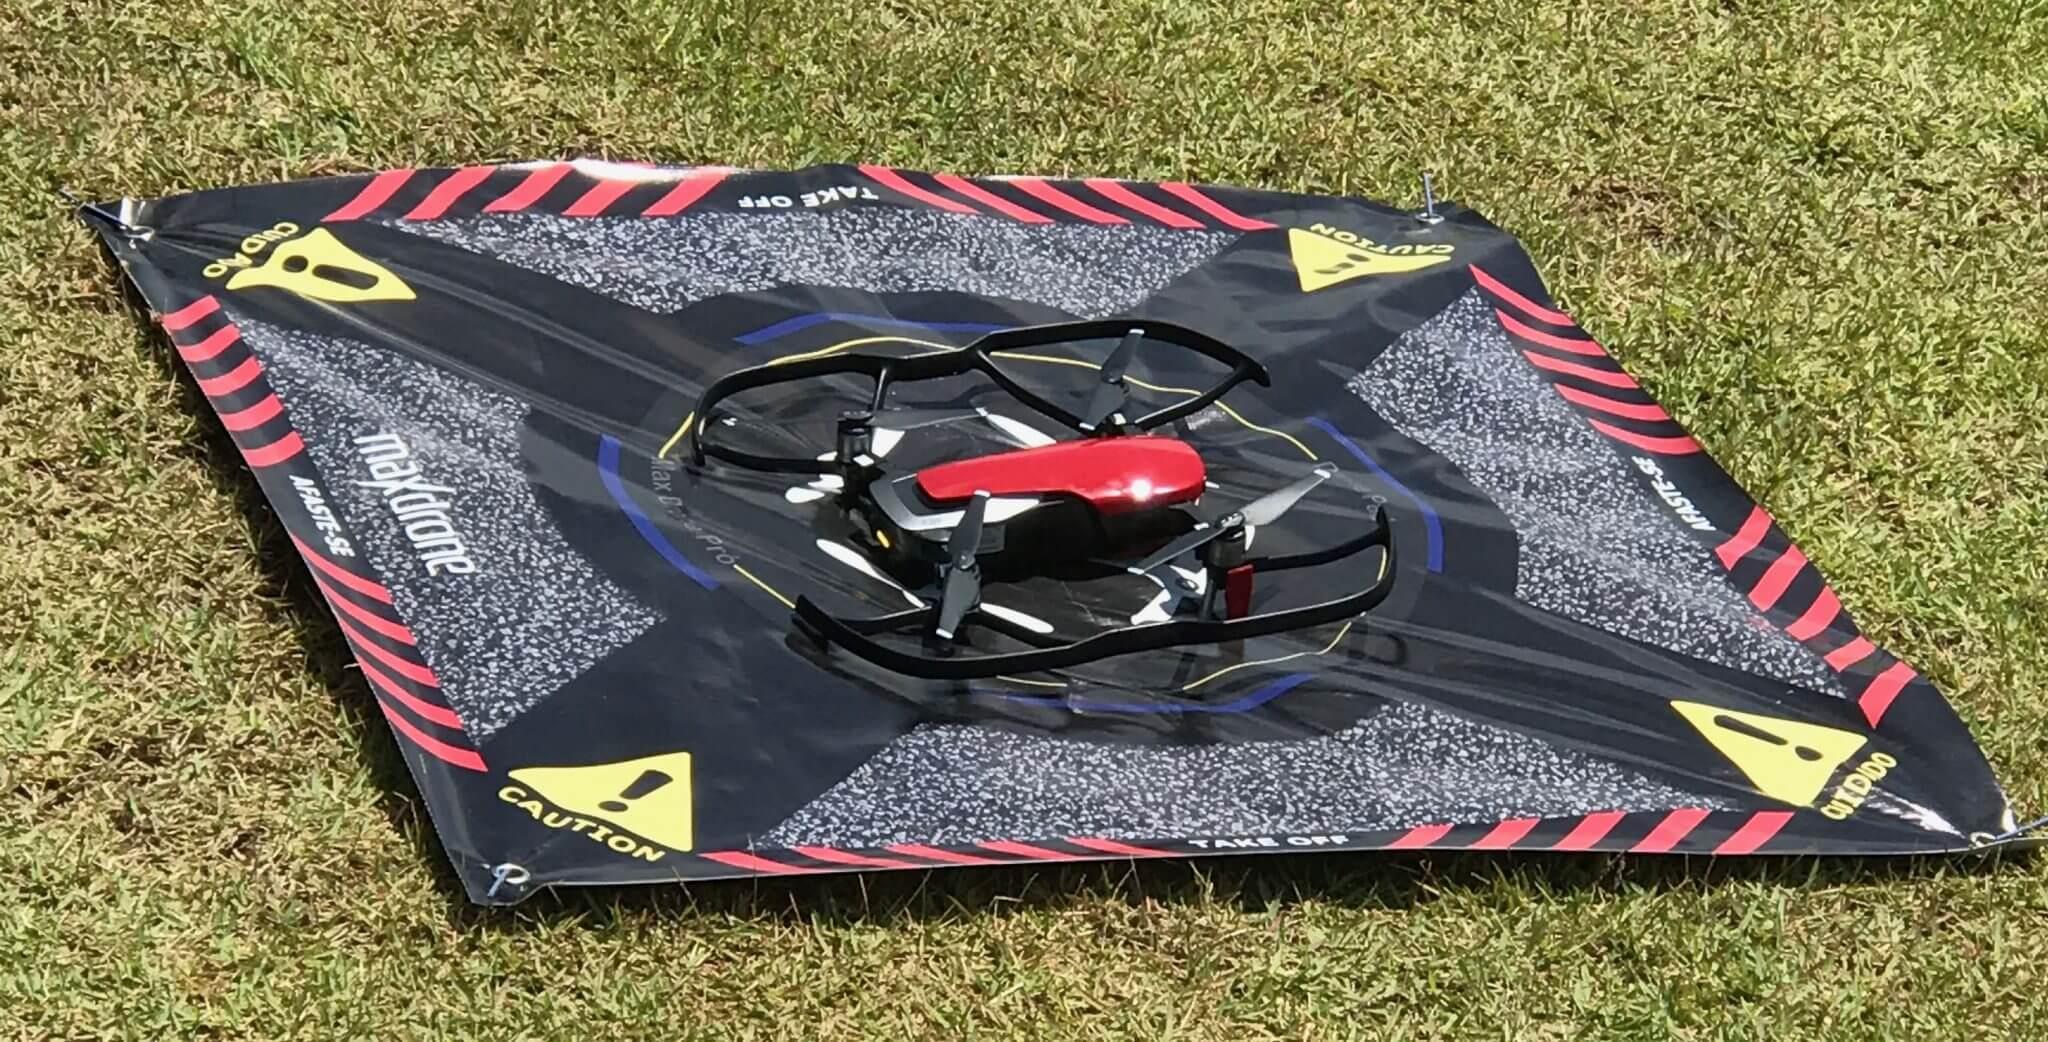 IMG 0863 destaque - Minha primeira vez com um drone: testamos o Mavic Air